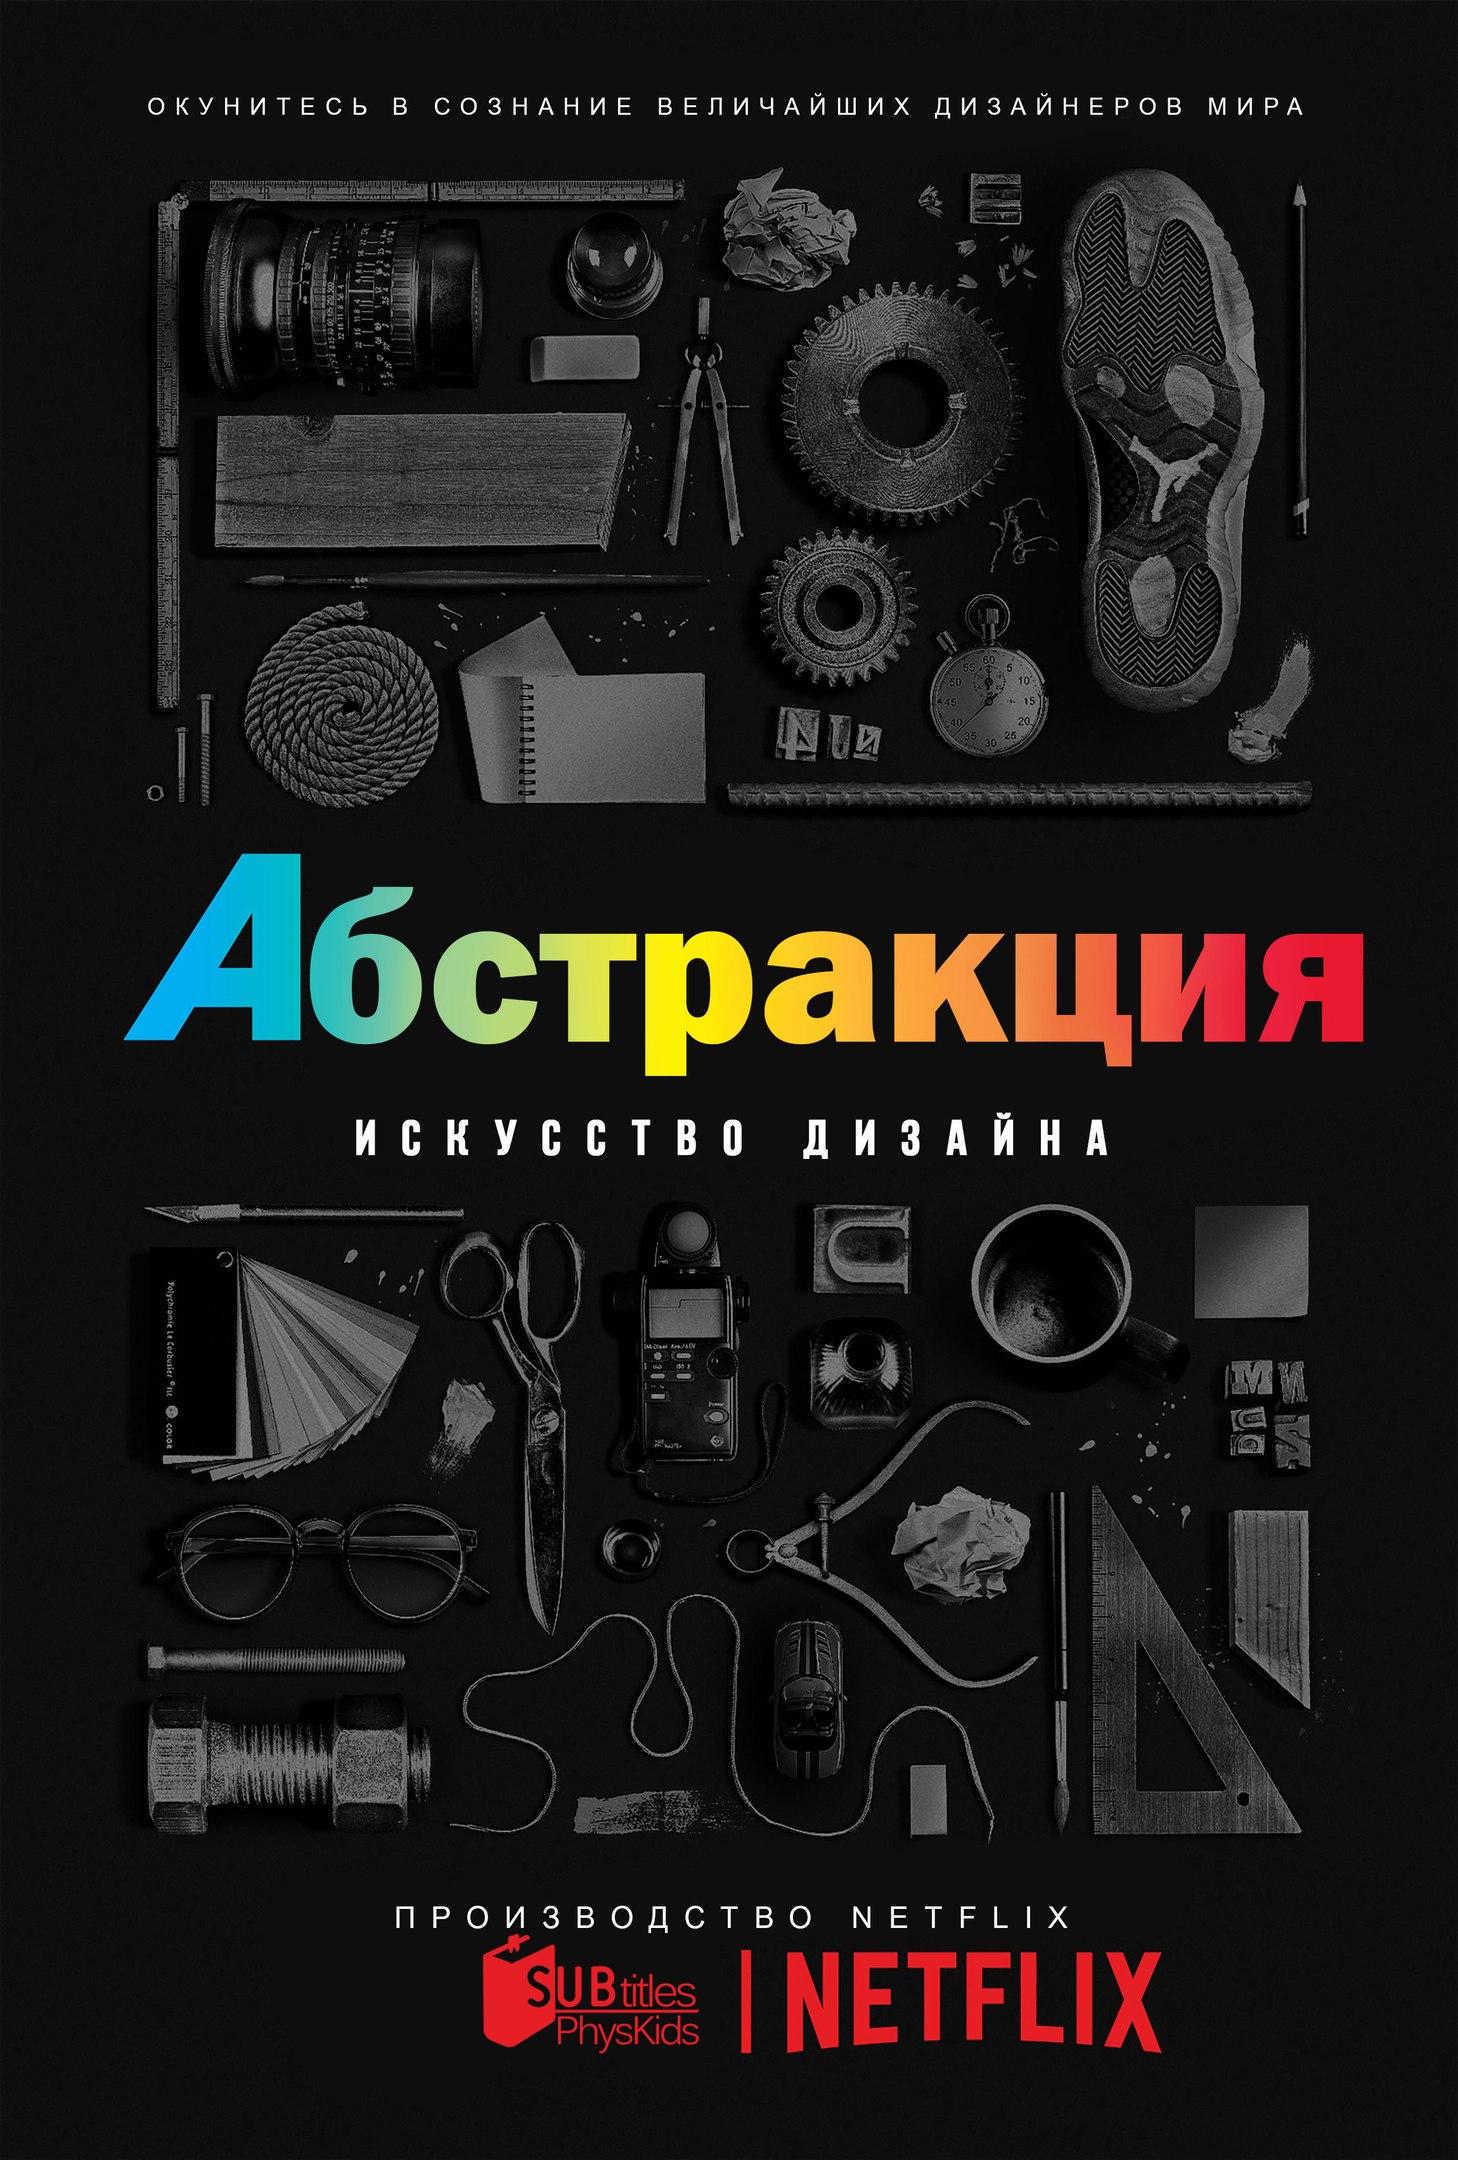 Абстракция: Искусство дизайна 1 сезон